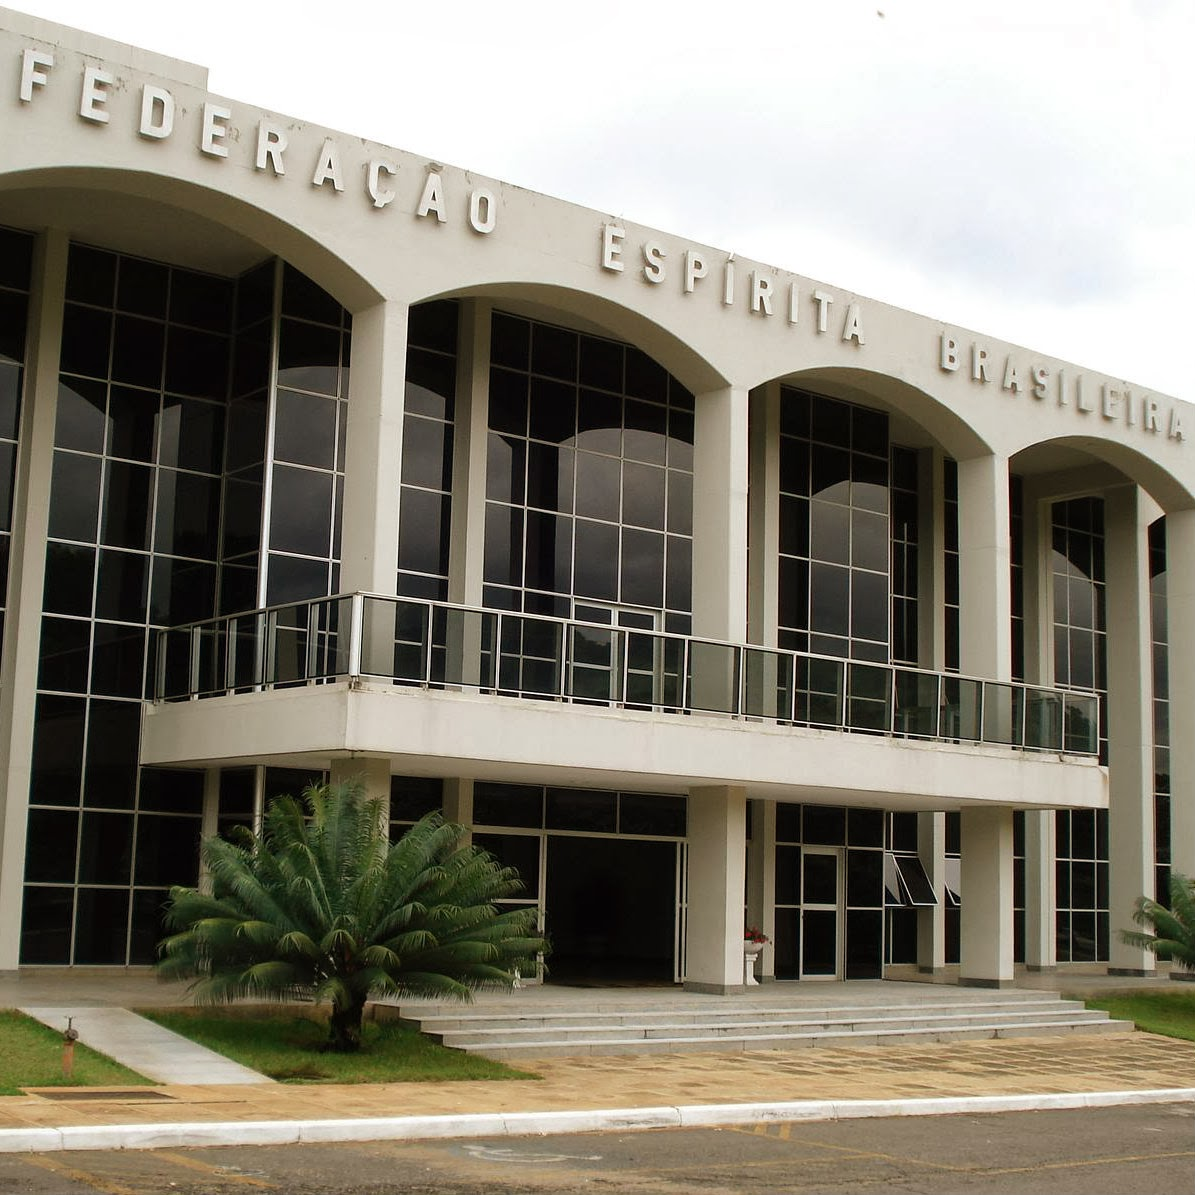 Sede Federação Espírita Brasileira (Brasília),